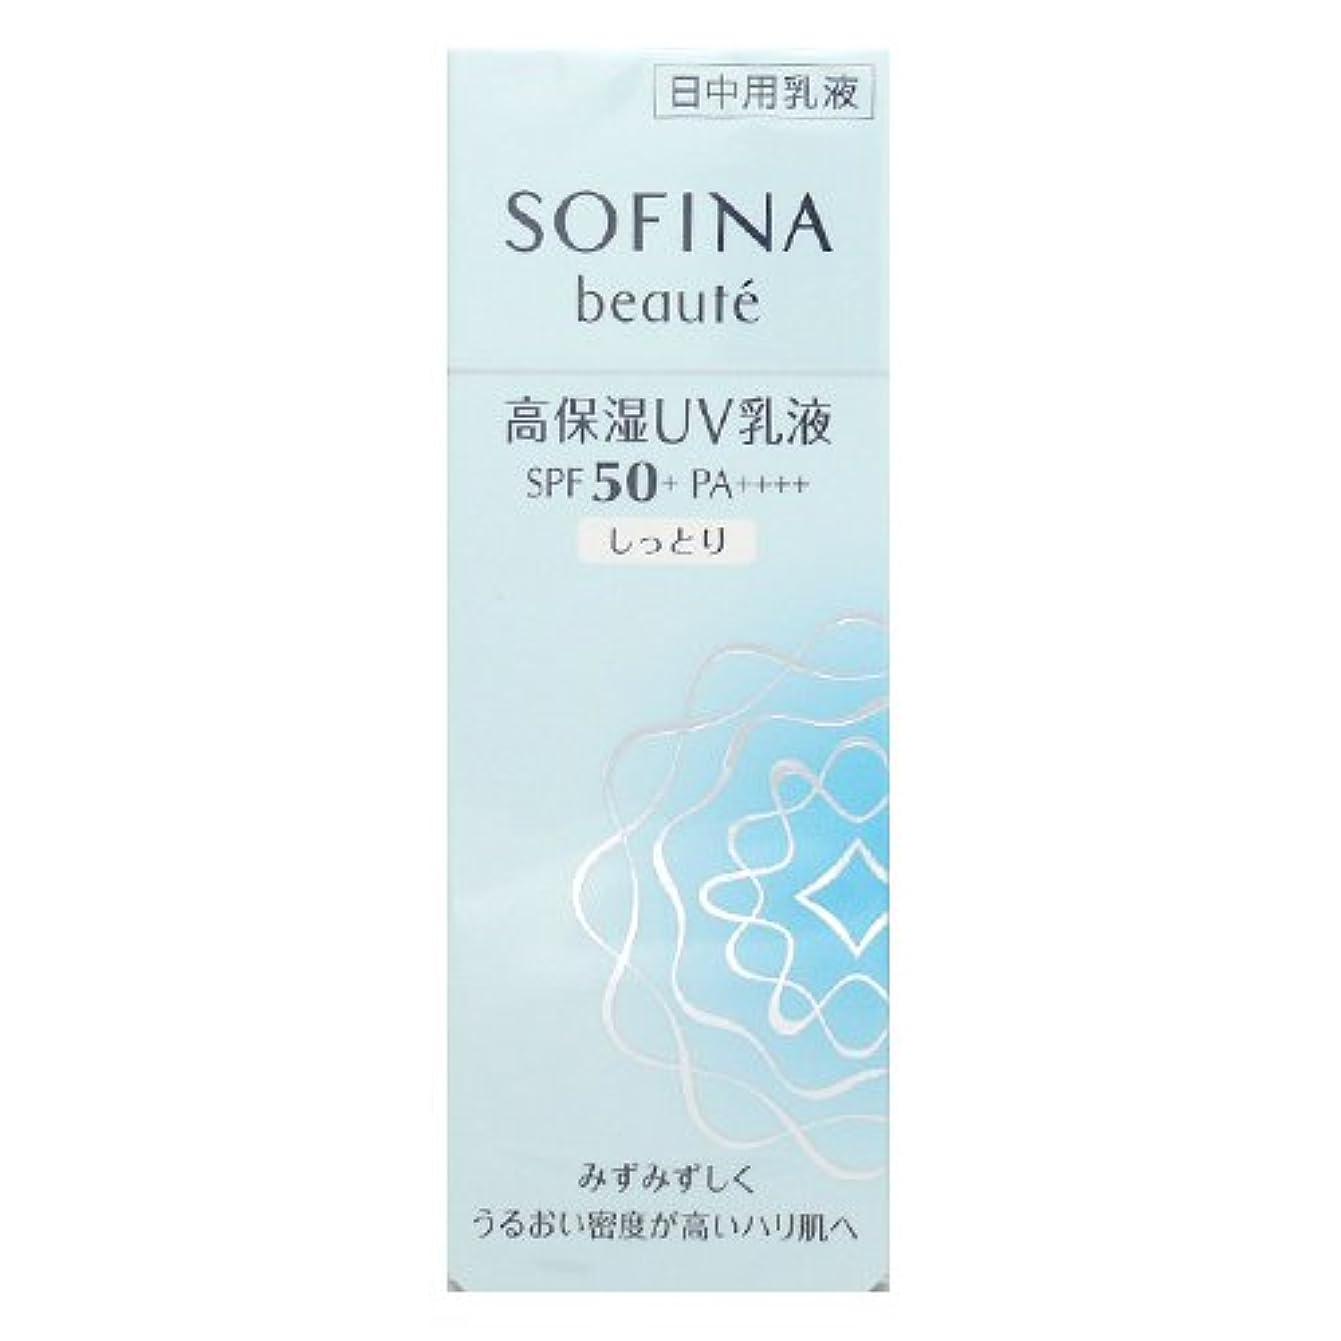 付添人代表三十花王 ソフィーナ ボーテ 高保湿UV乳液 SPF50+ PA++++ しっとり 30g